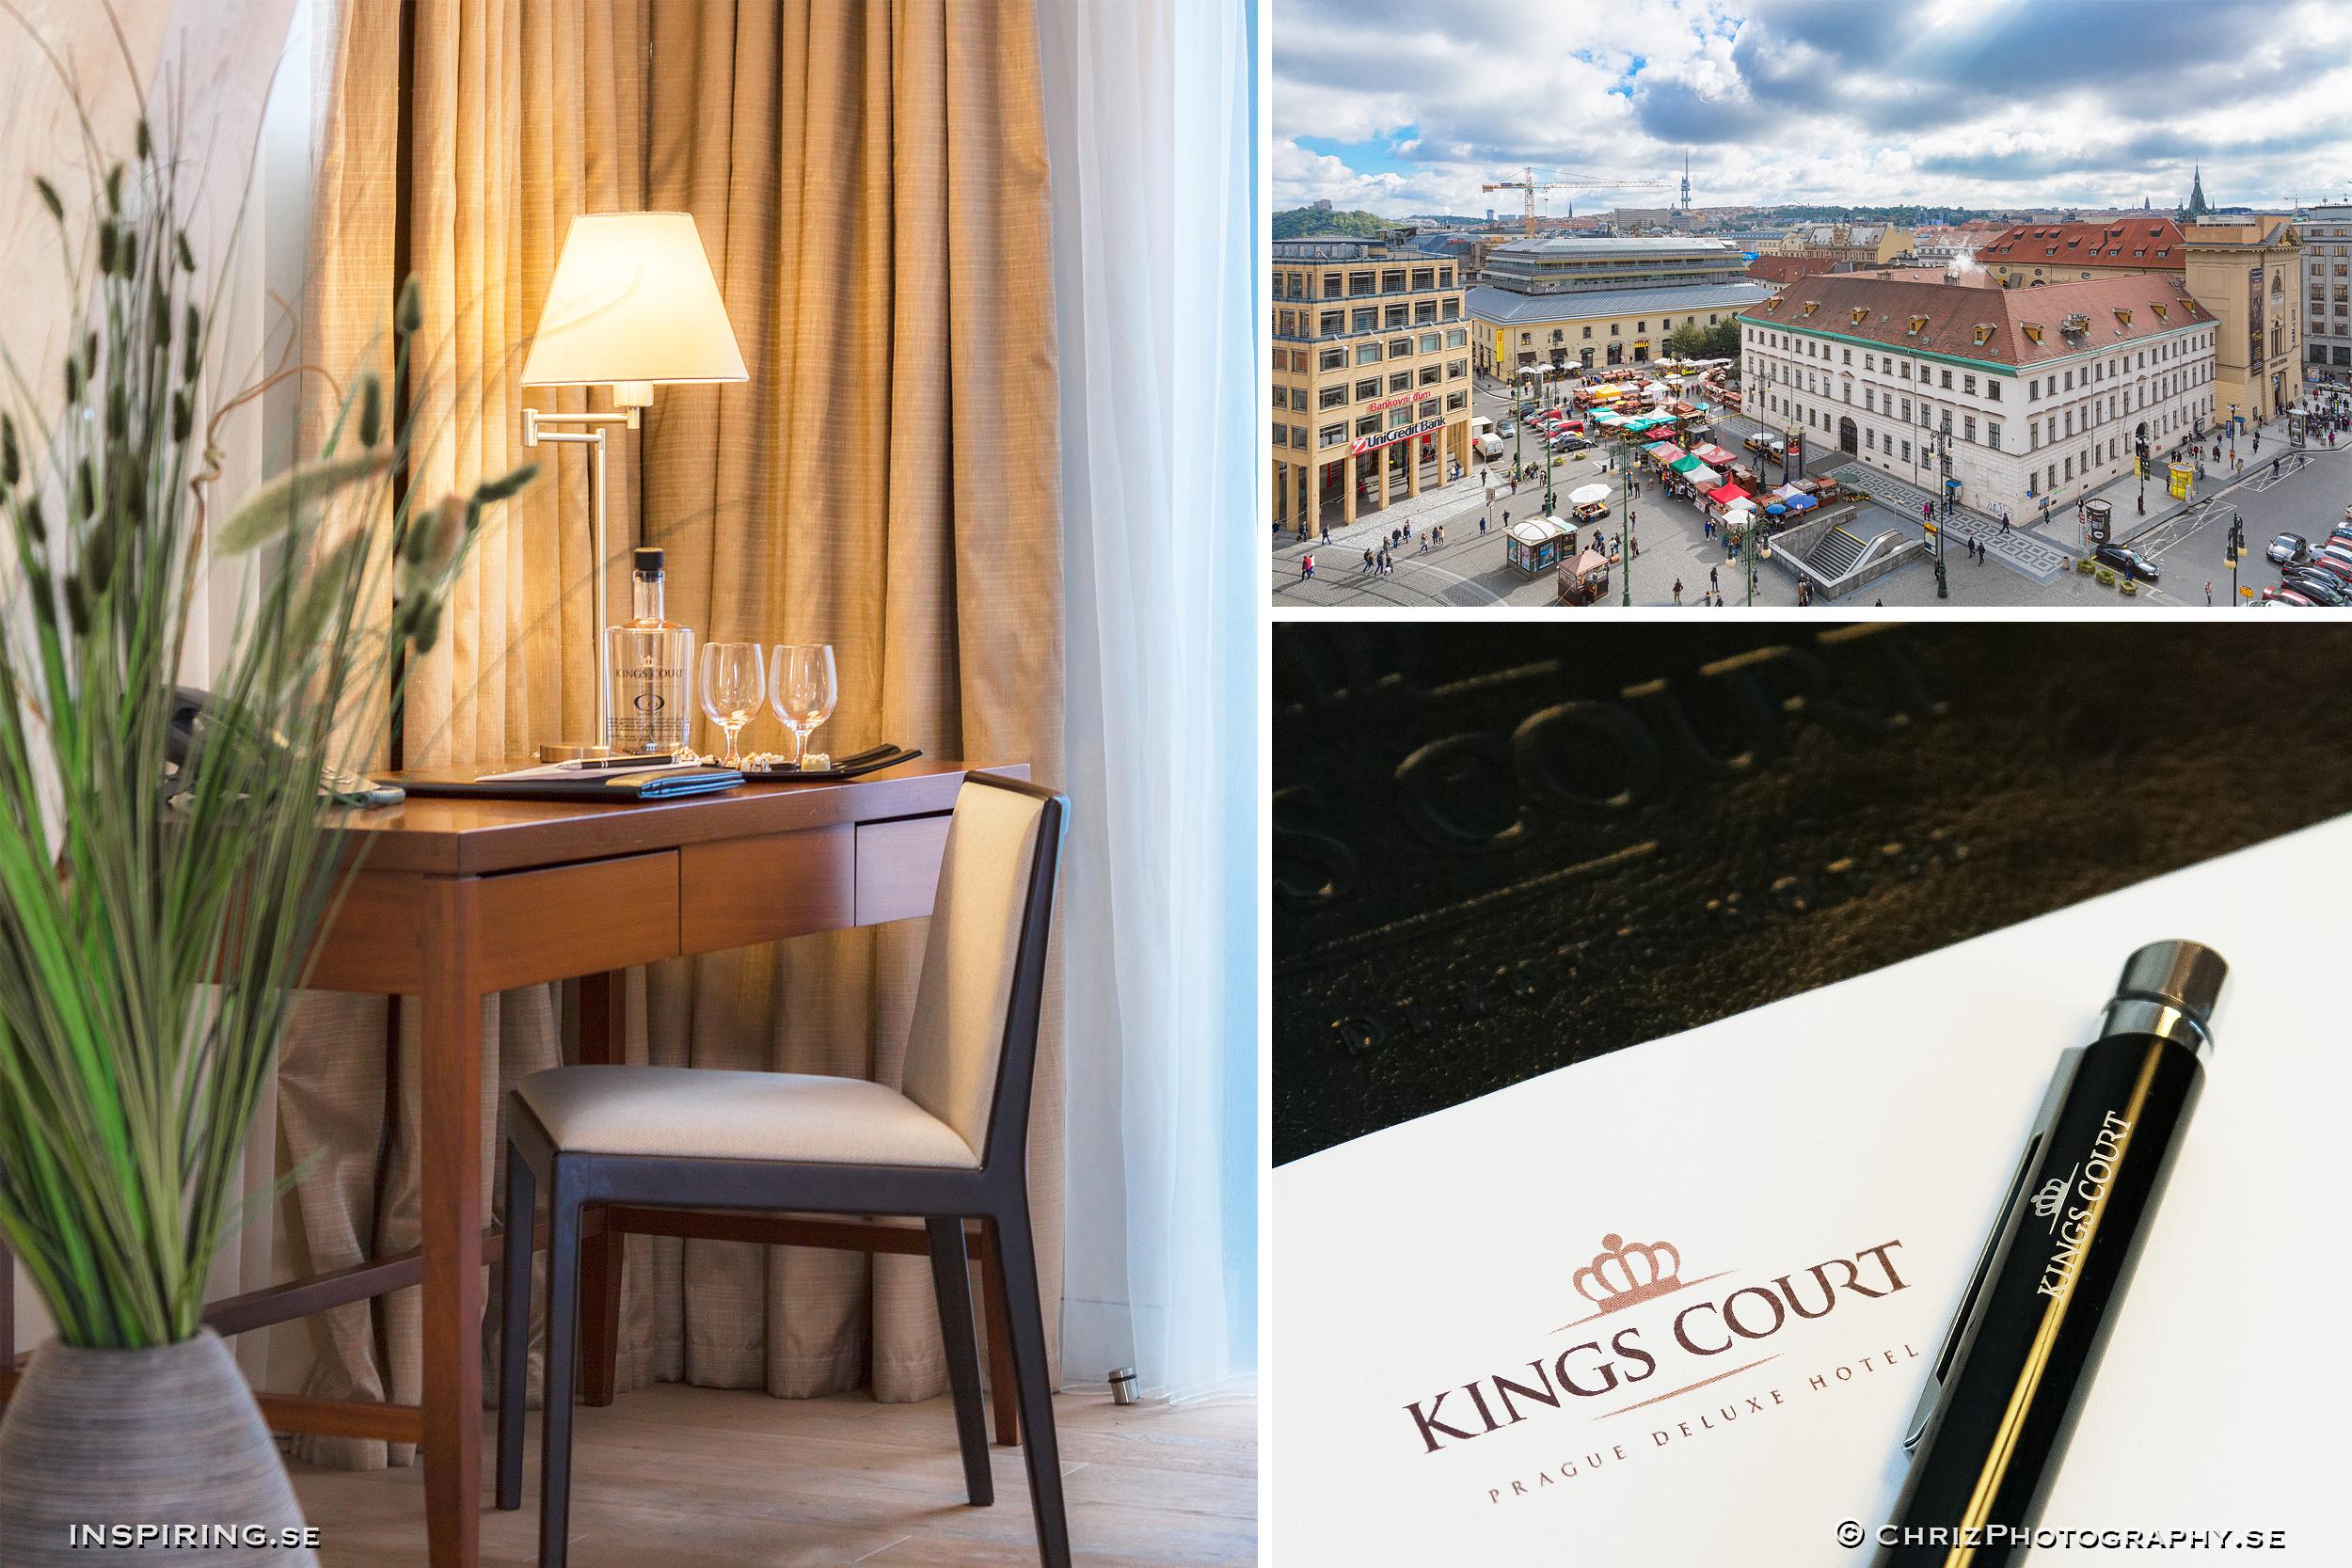 HotelKingsCourt_Inspiring.se_copyright_ChrizPhotography.se_5.jpg